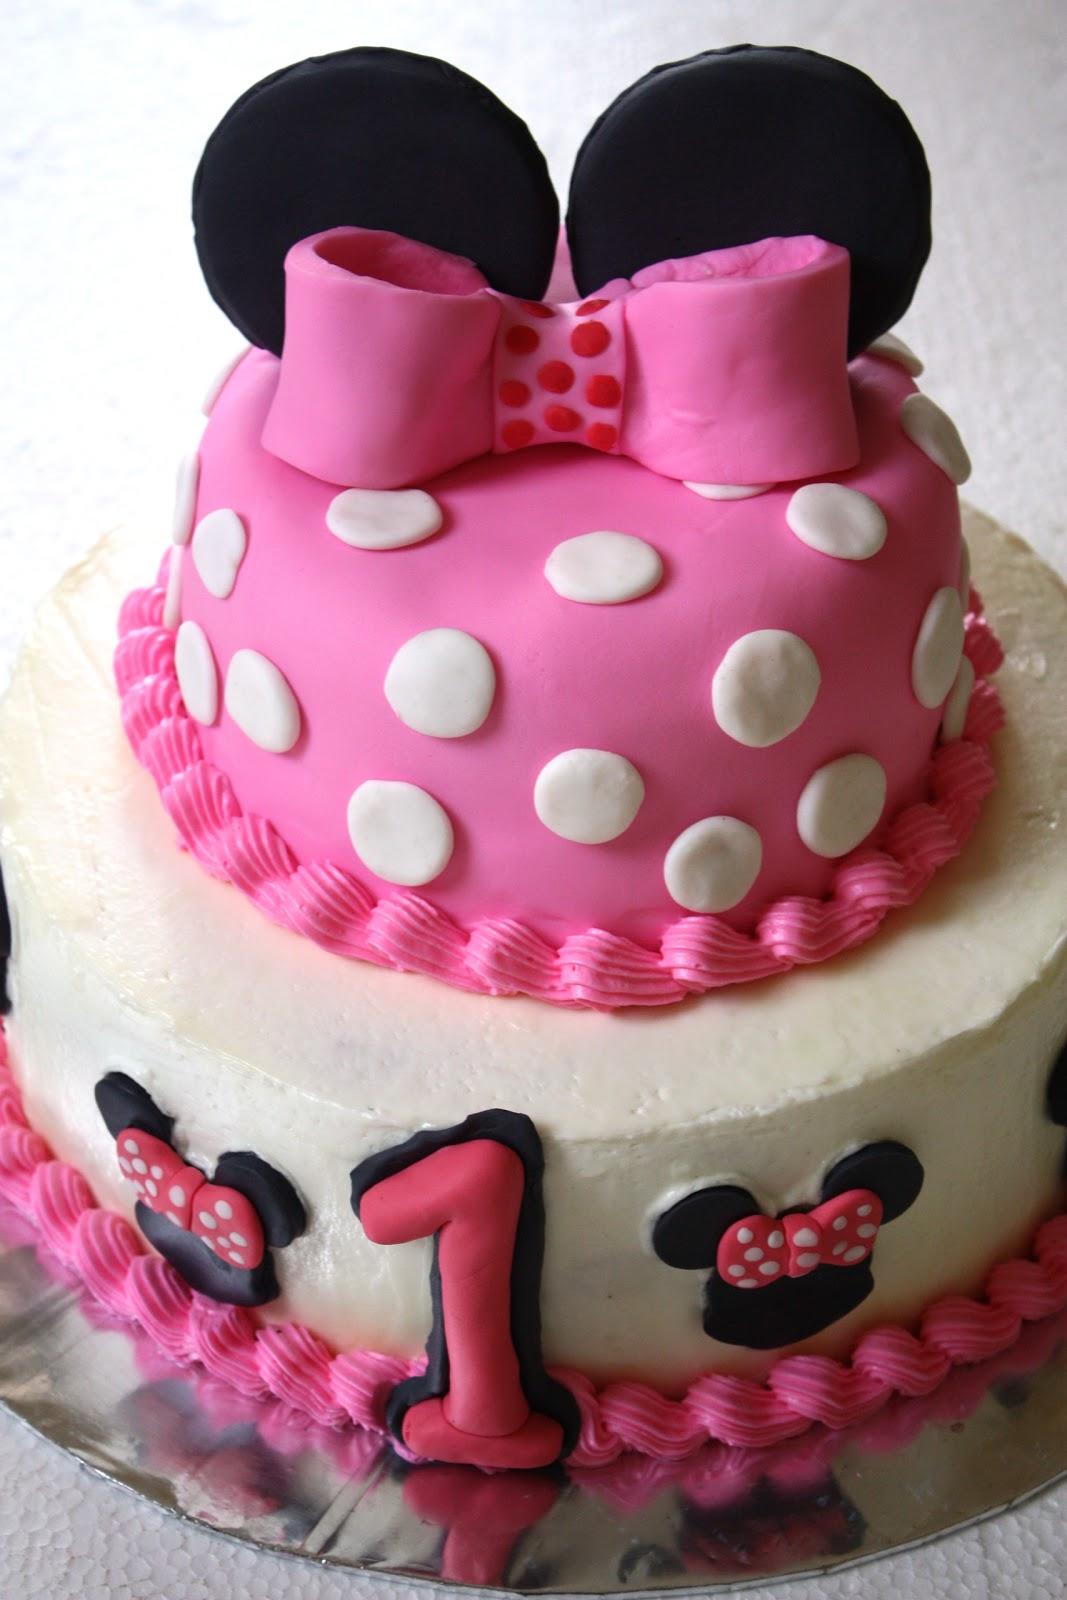 Kue ulang tahun kreasi toko kue online bertema minnie mouse yang